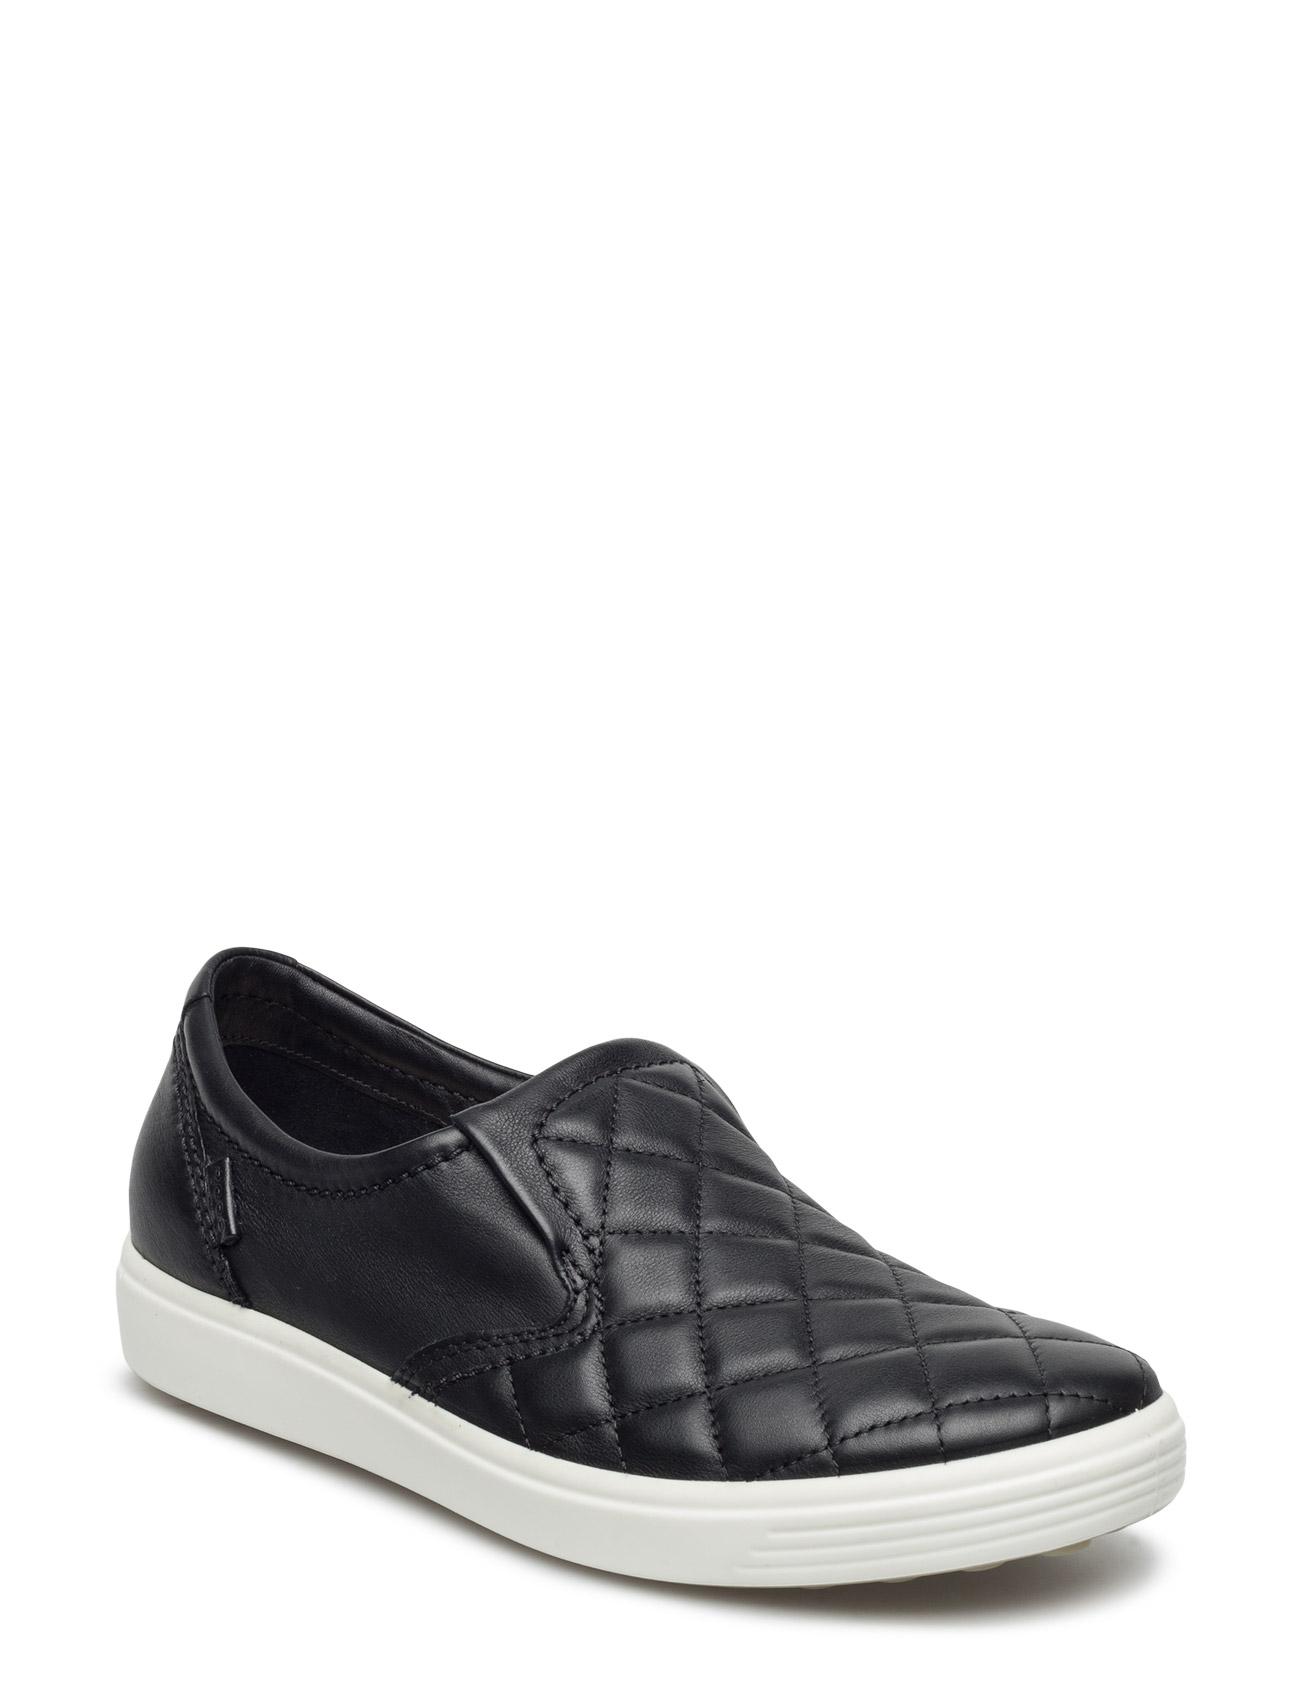 Soft 7 Ladies ECCO Sneakers til Kvinder i Sort